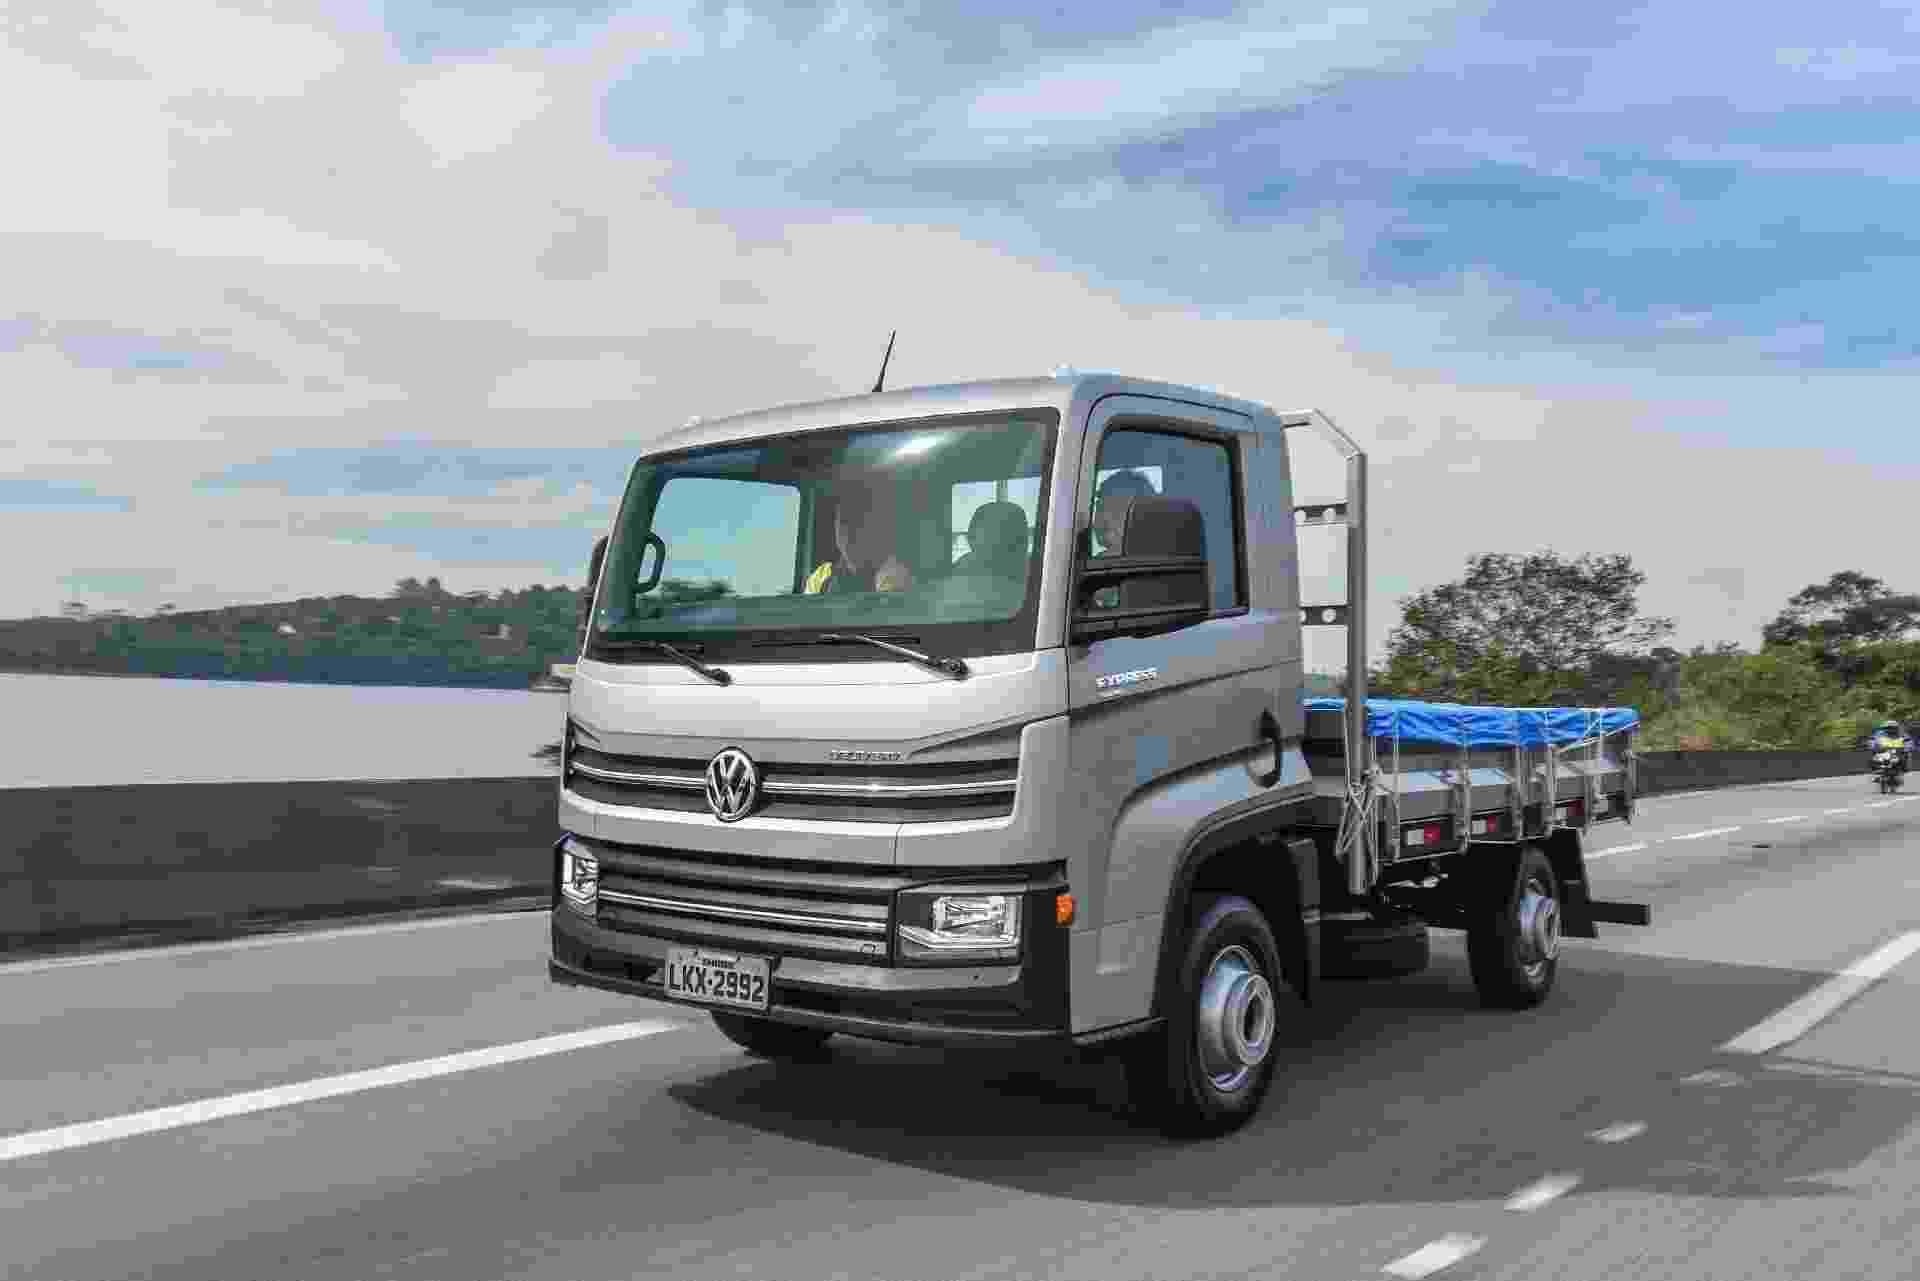 Volkswagen Delivery Express - Frasnelli Fotografia/Divulgação